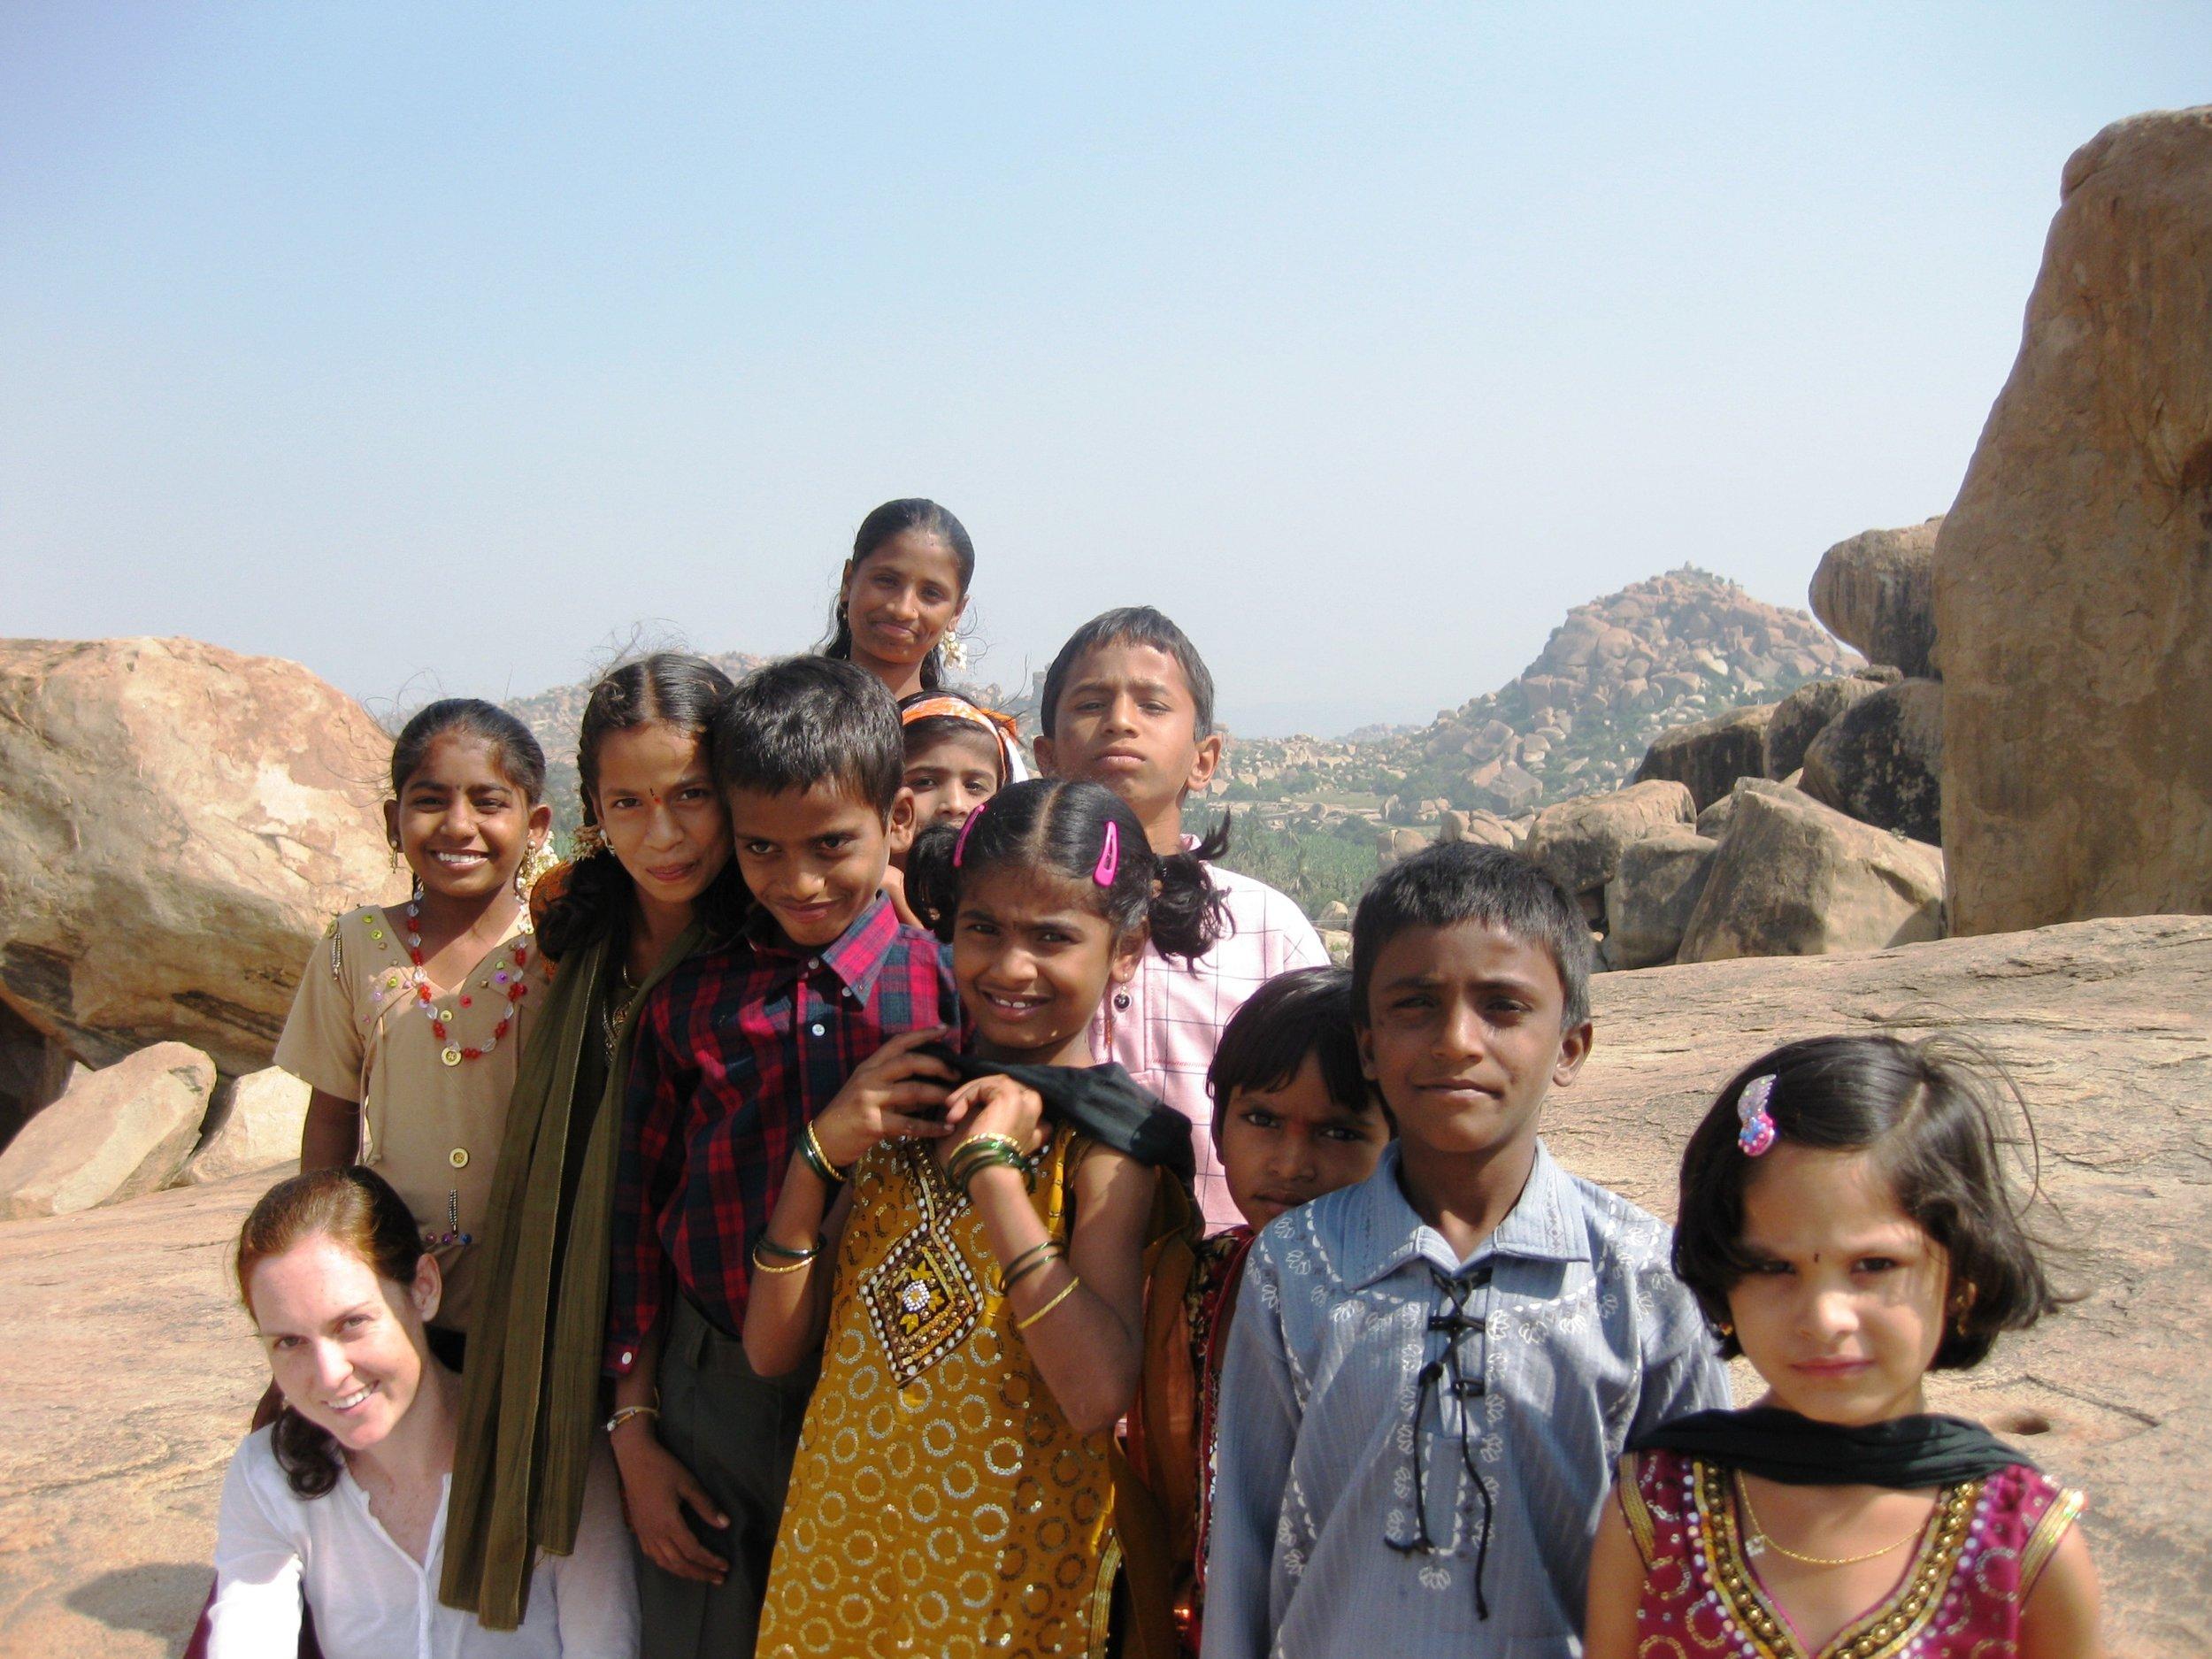 KOOSHOO founders in India